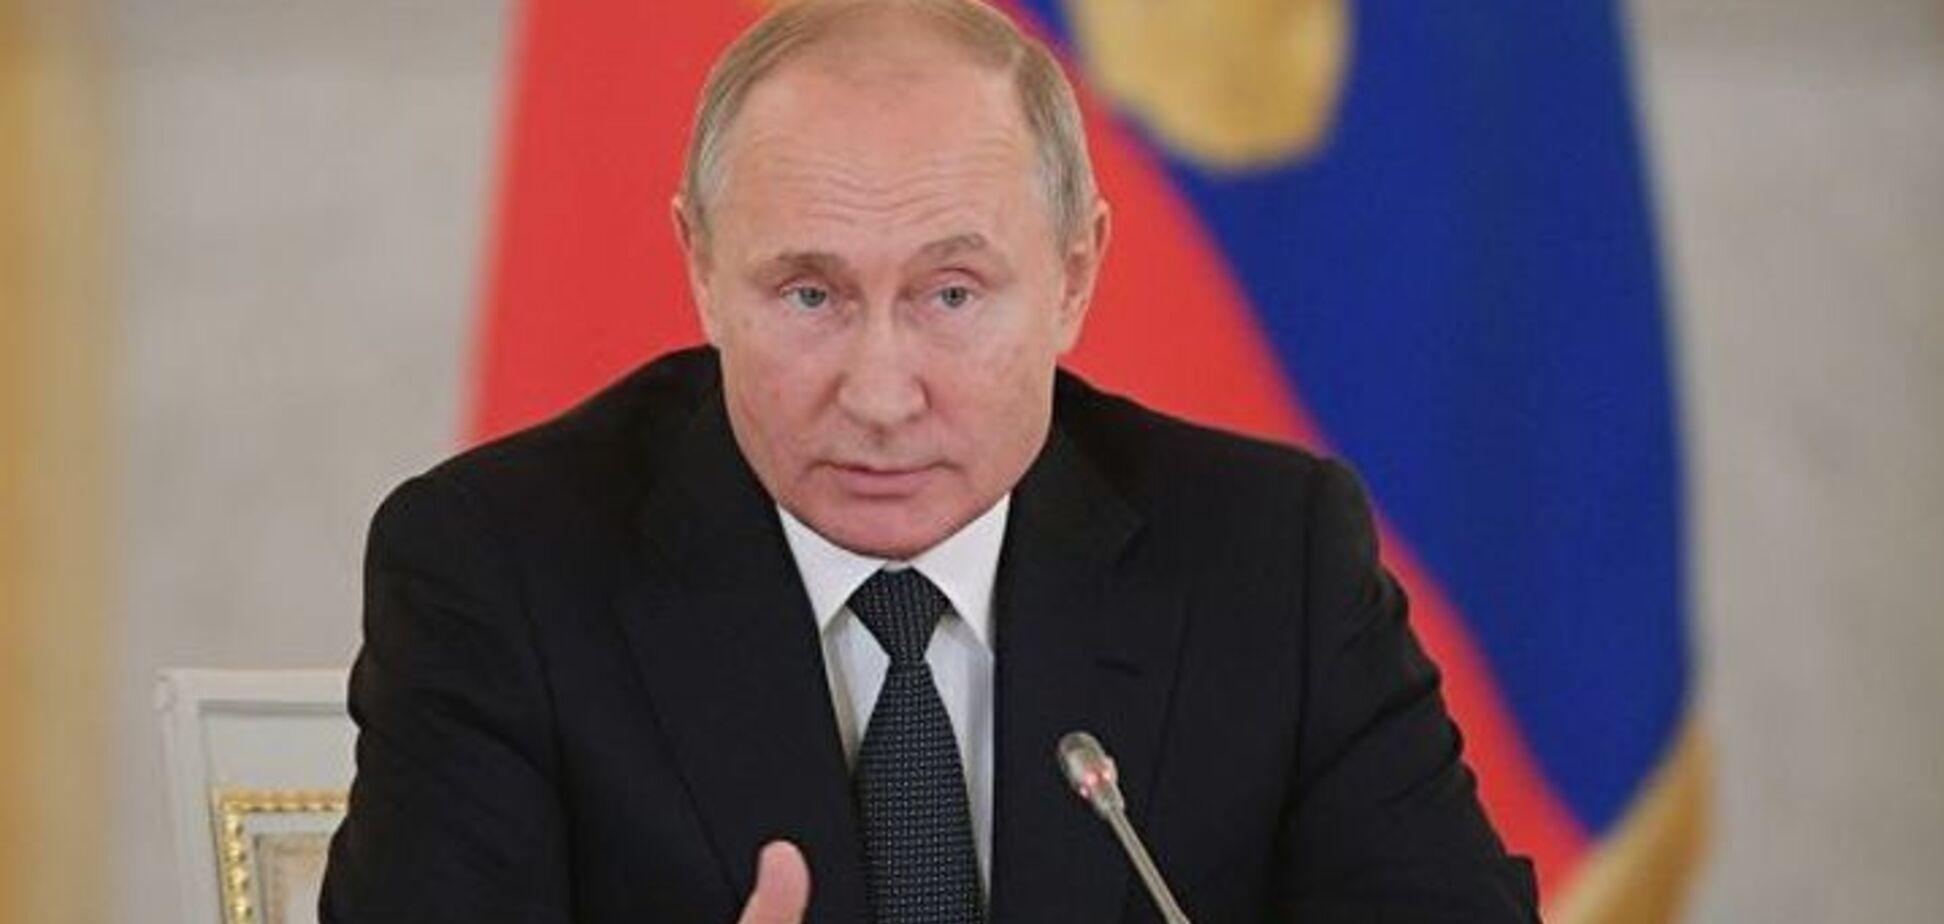 'Не стоит и пяти копеек': Путин сделал циничное заявление о покушении на Скрипалей